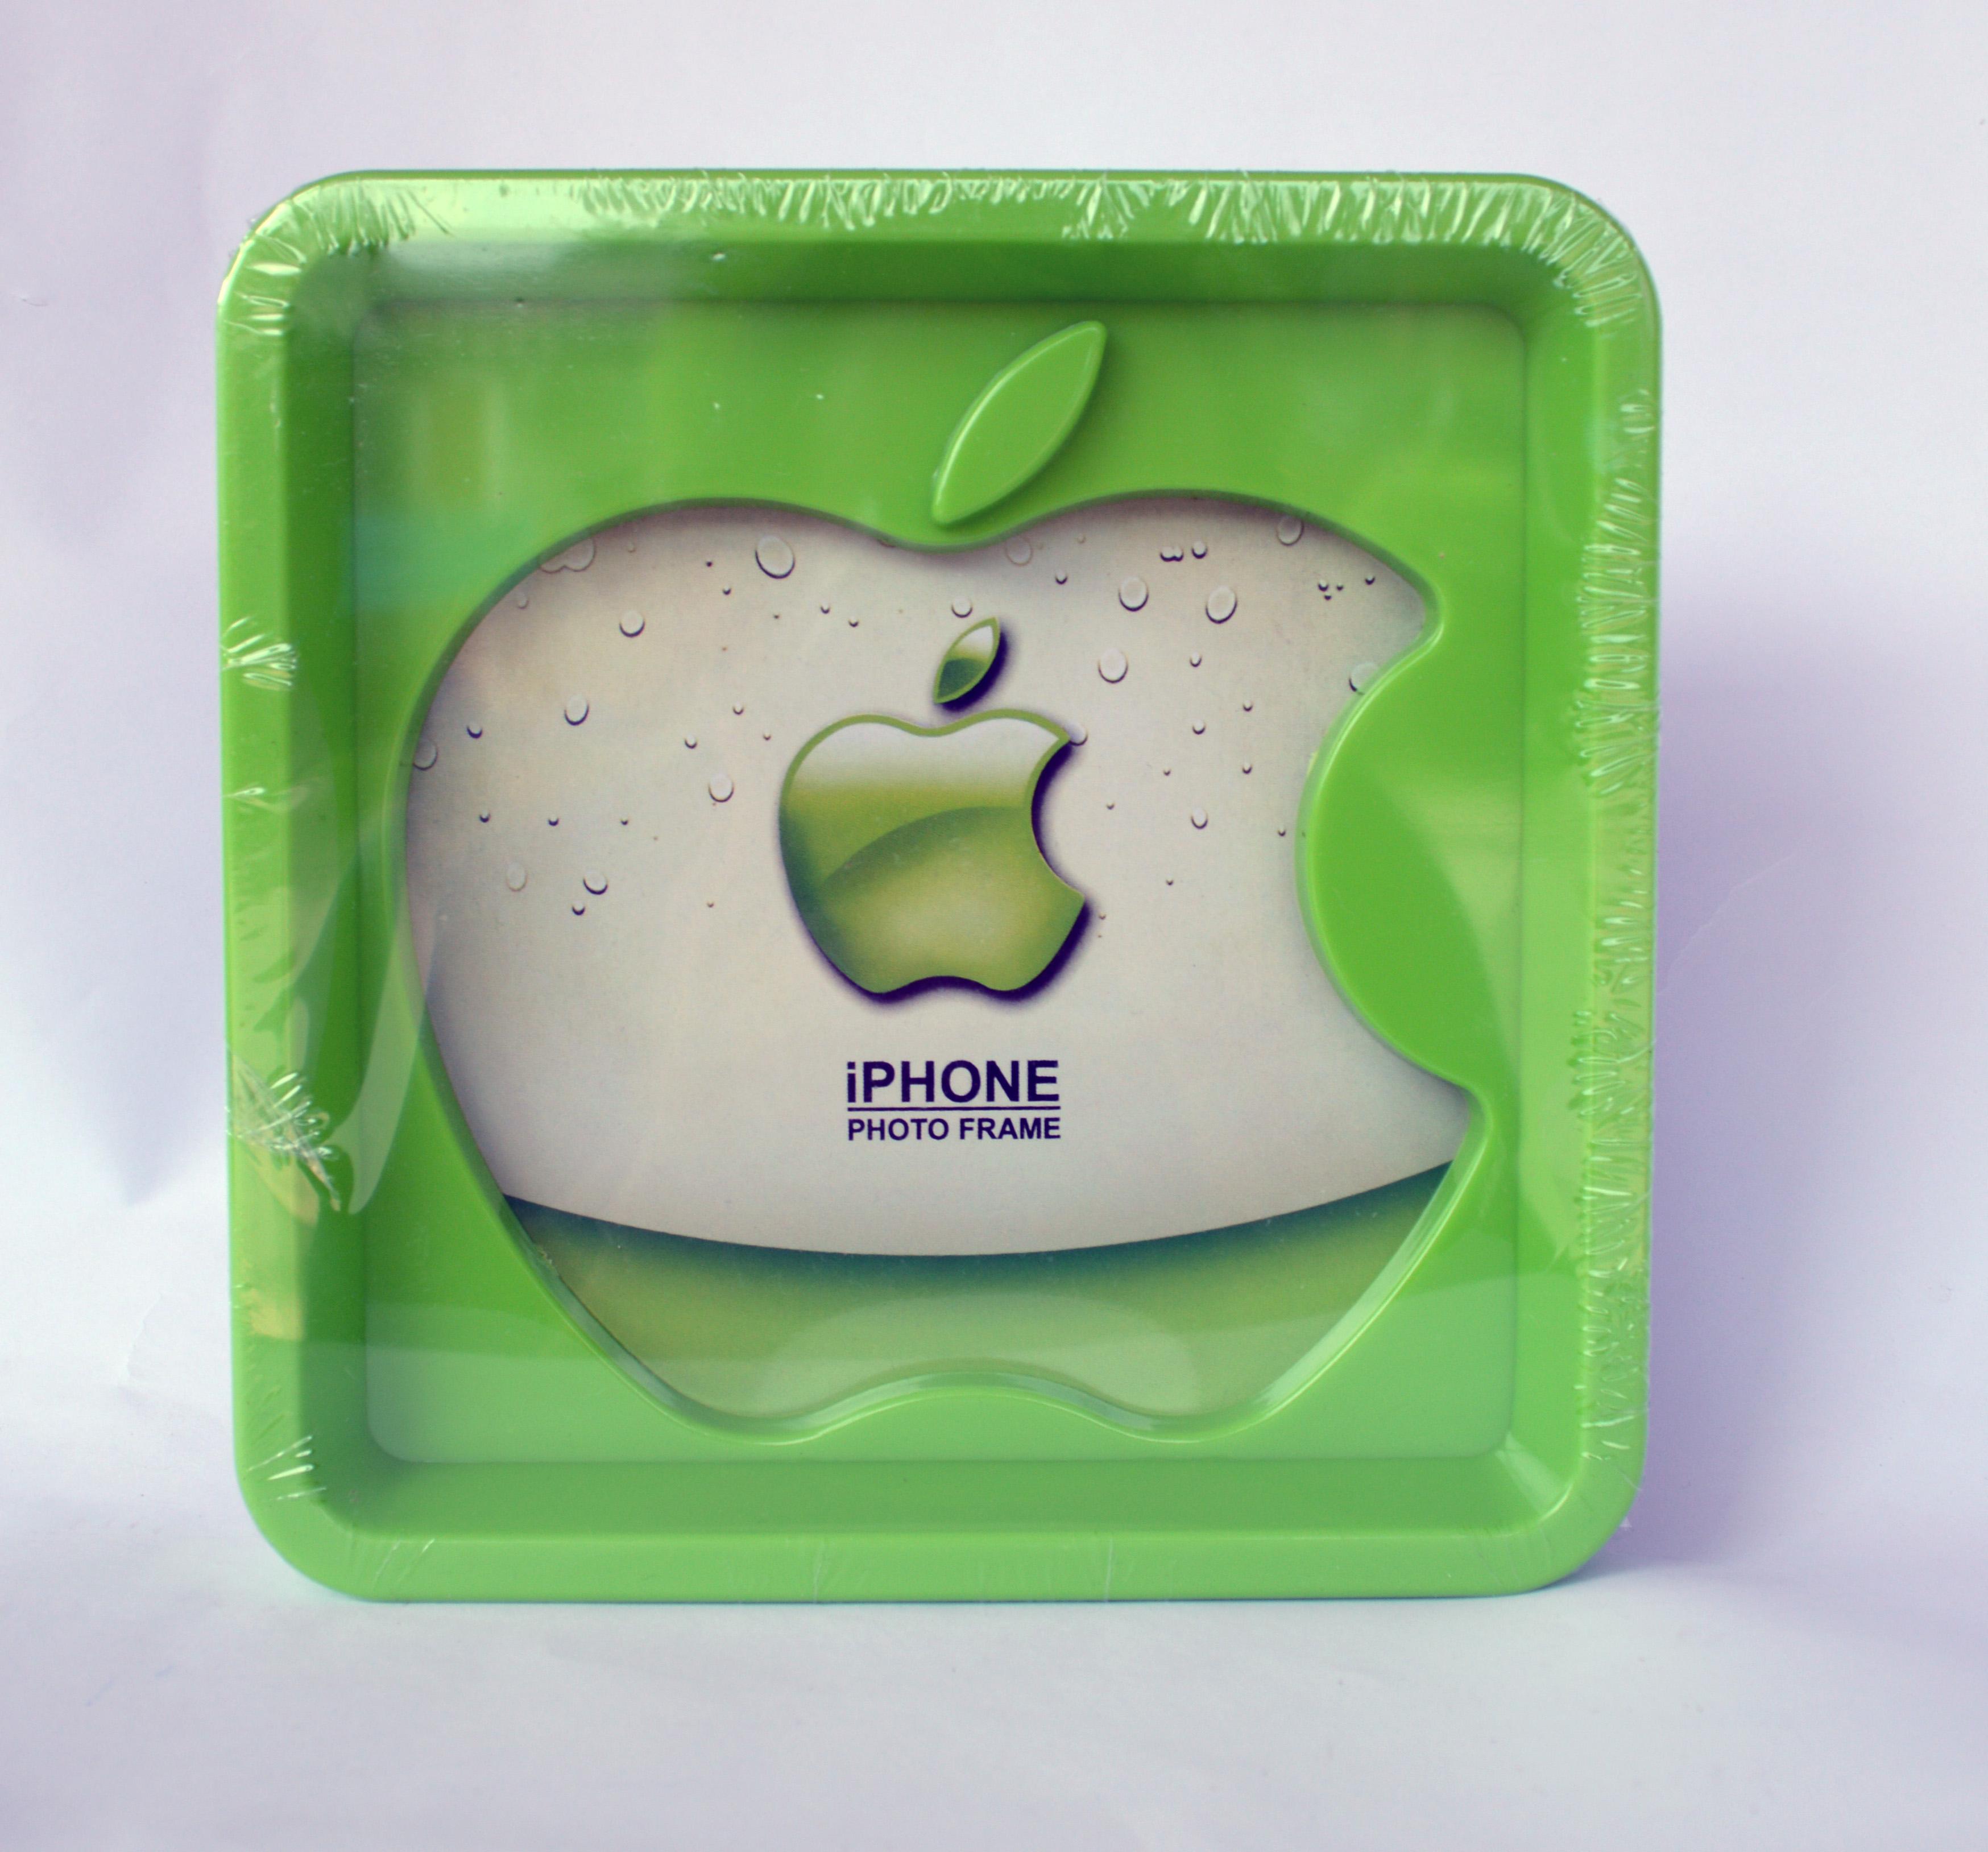 กรอบรูป apple สีเขียว ขนาด 18*18 ซม. รหัส 1692